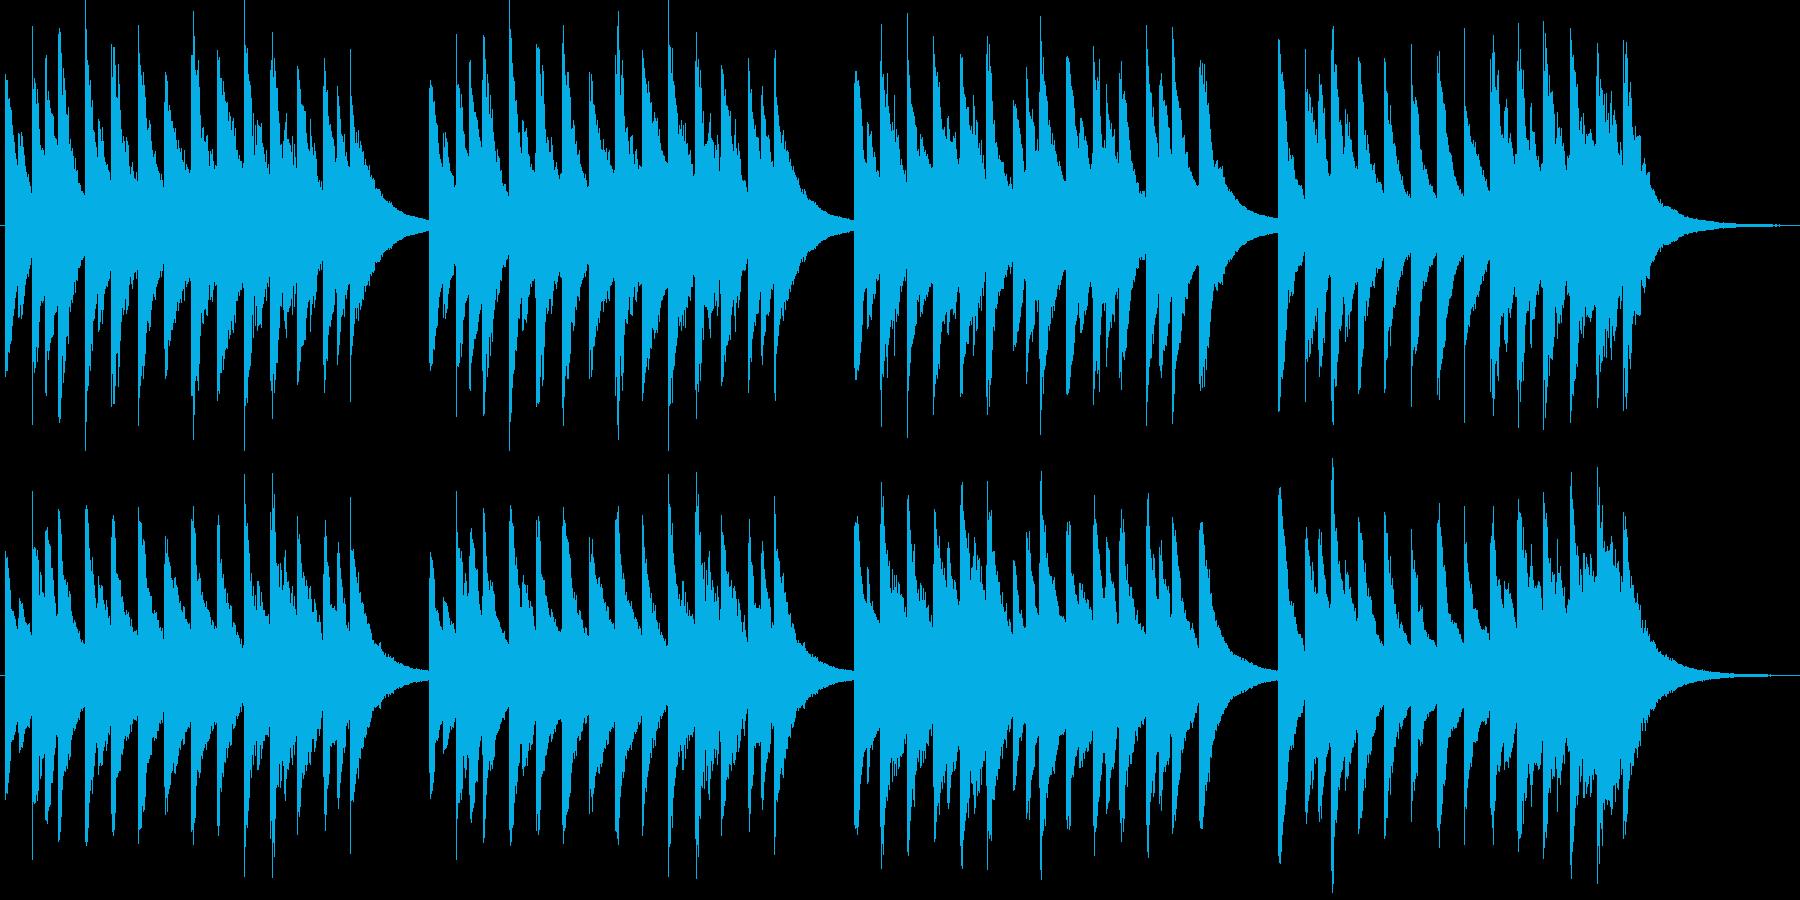 マタイ受難曲第二部コラールのオルゴールの再生済みの波形